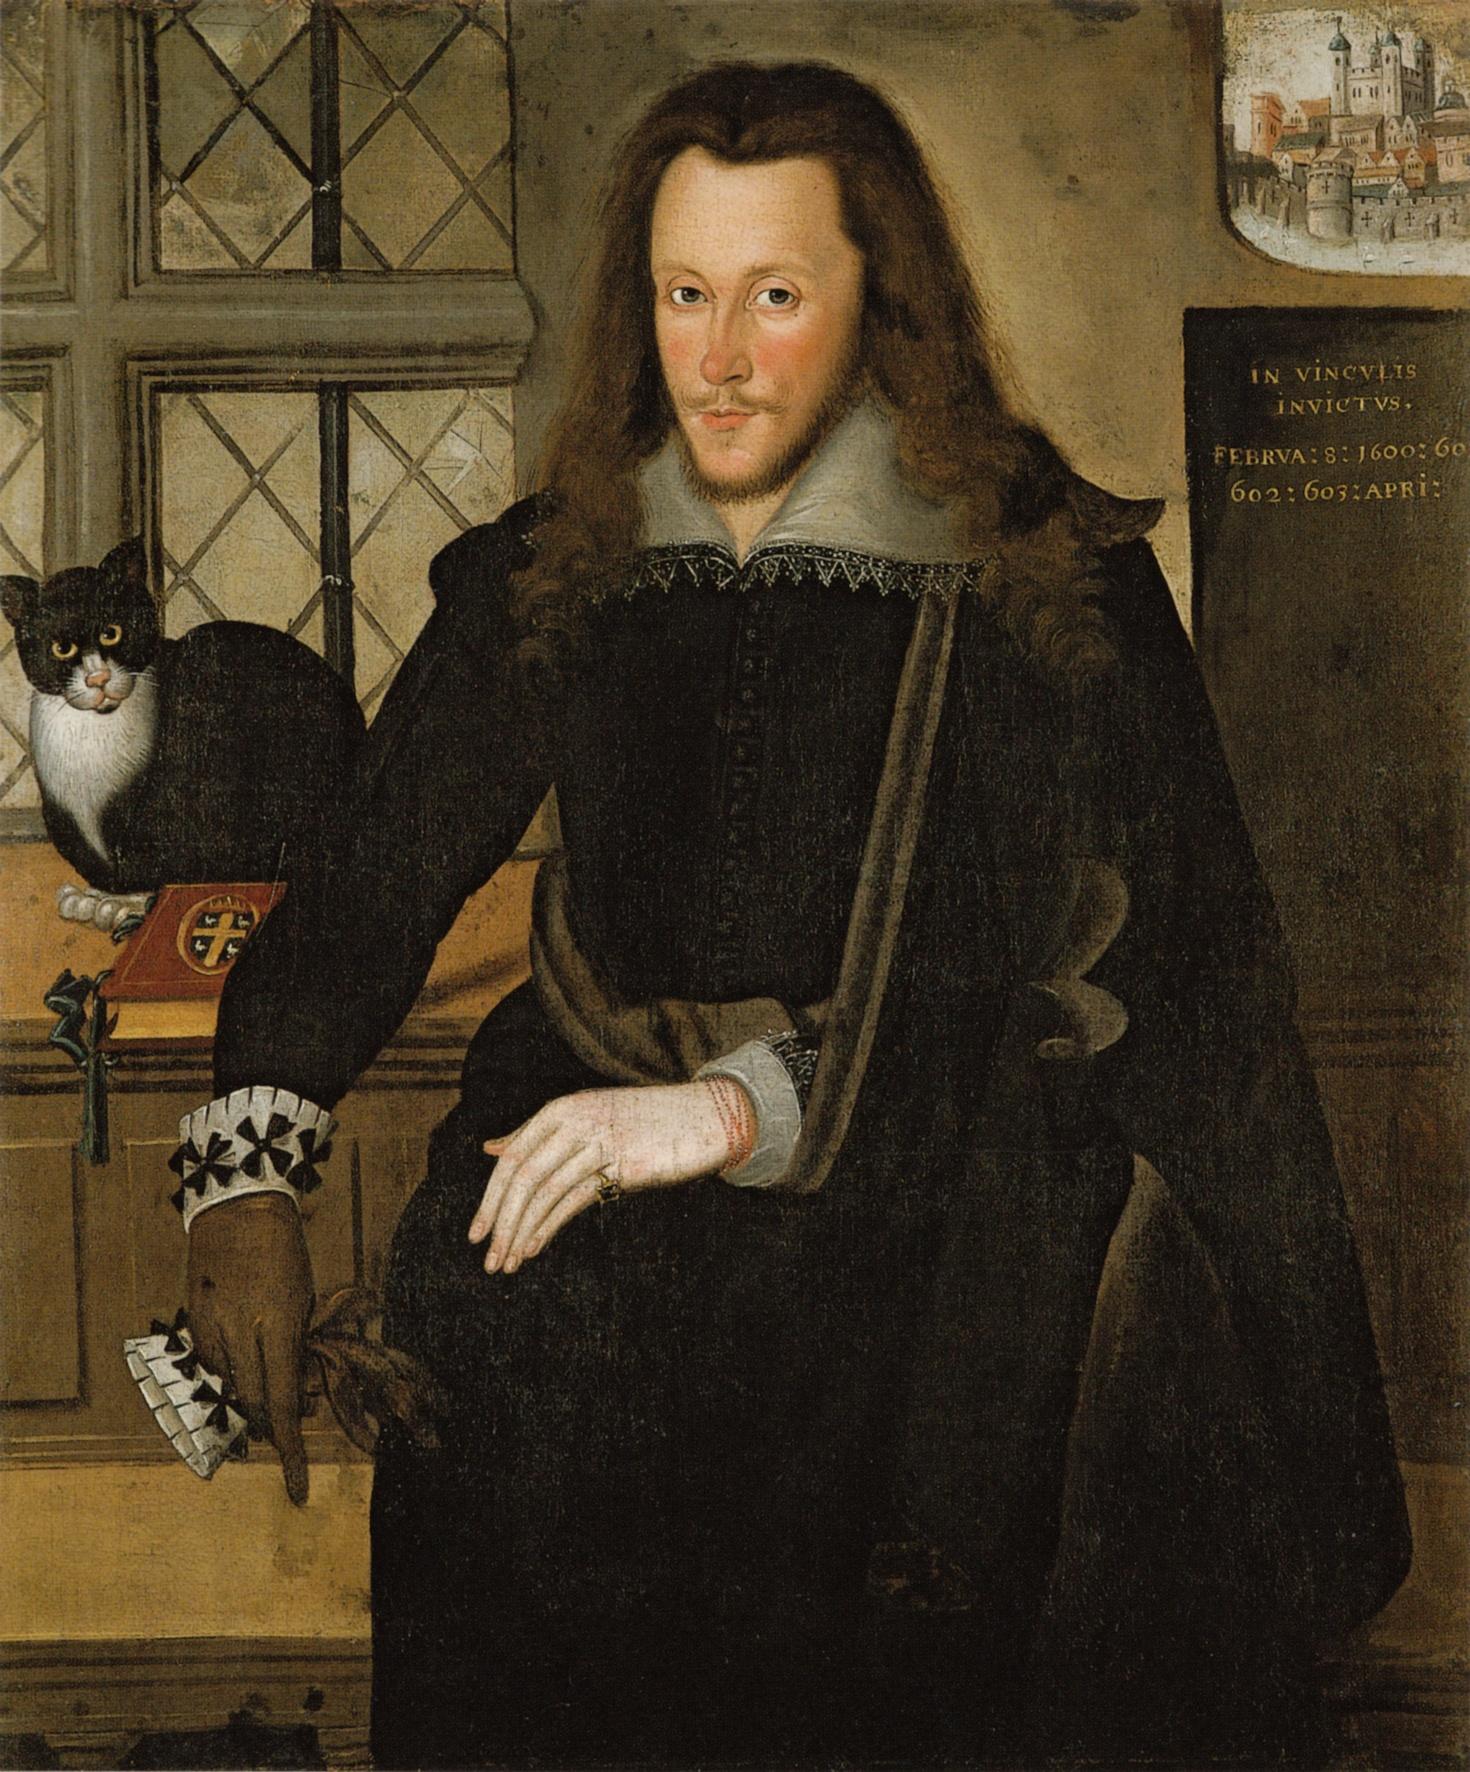 Генри Ризли, 3-й граф Саутгемптон (1573 — 1624)